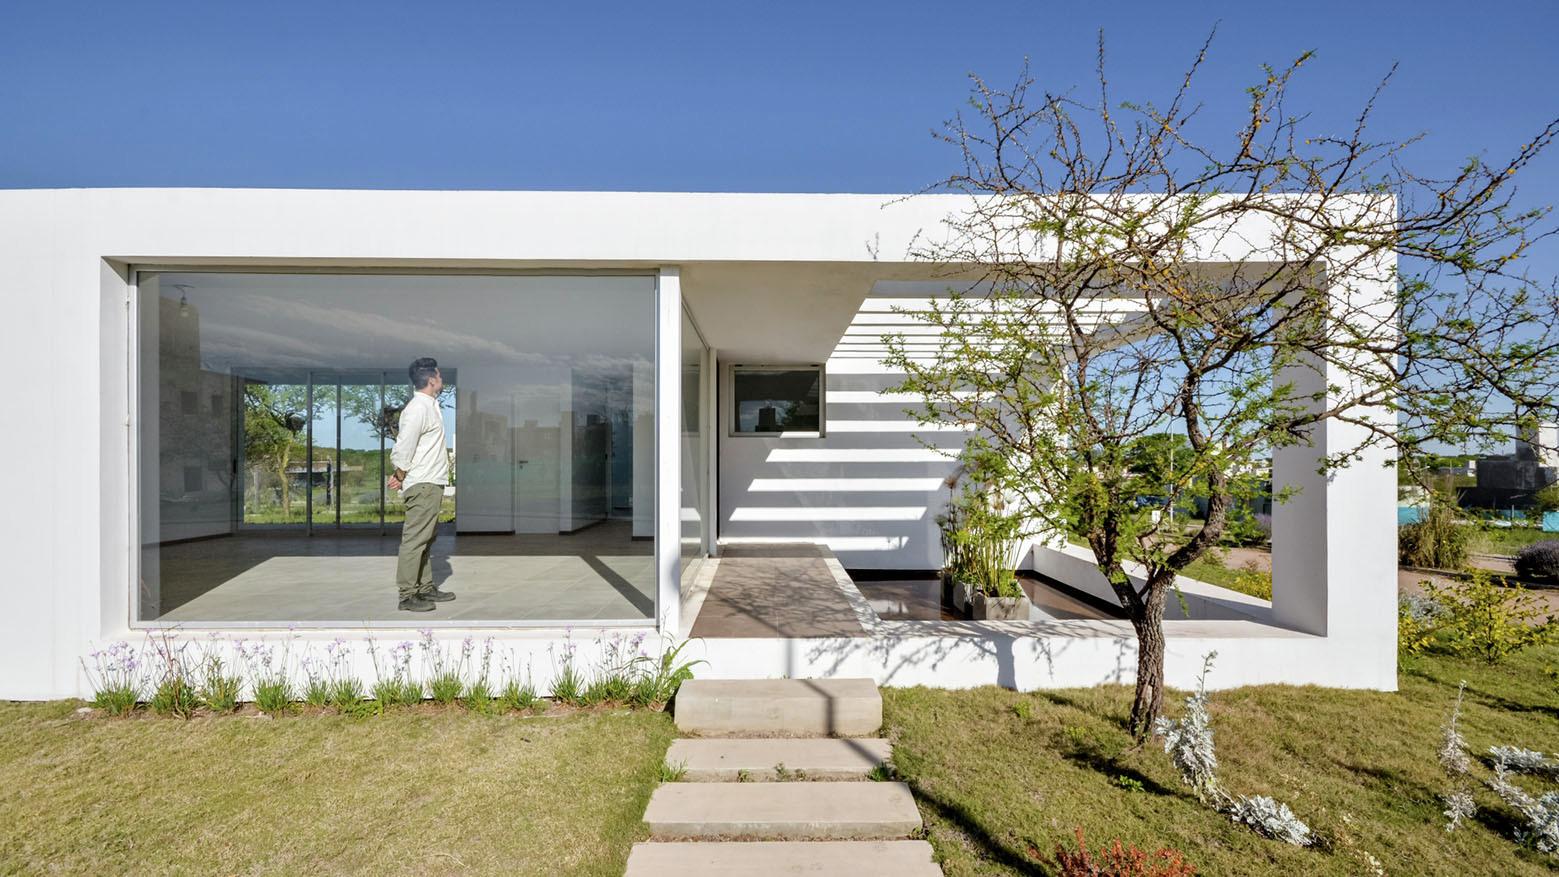 Lindíssimo projeto de residência na Argentina